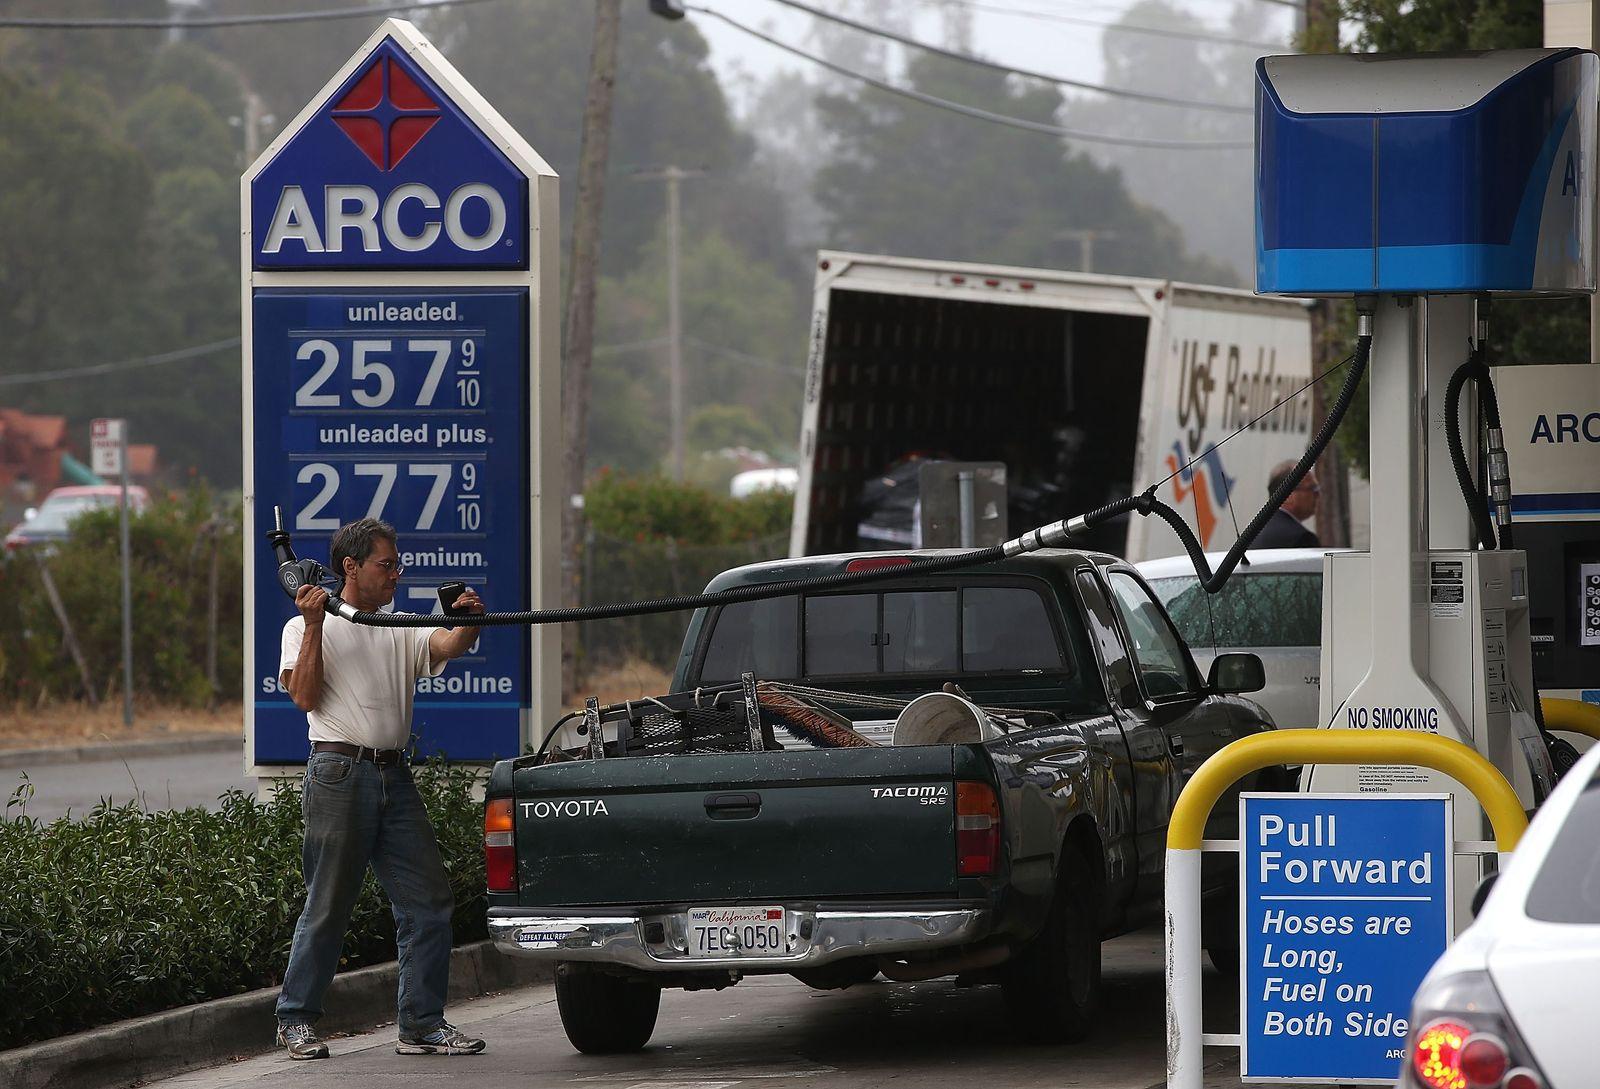 Tankstelle / Benzinpreis / USA